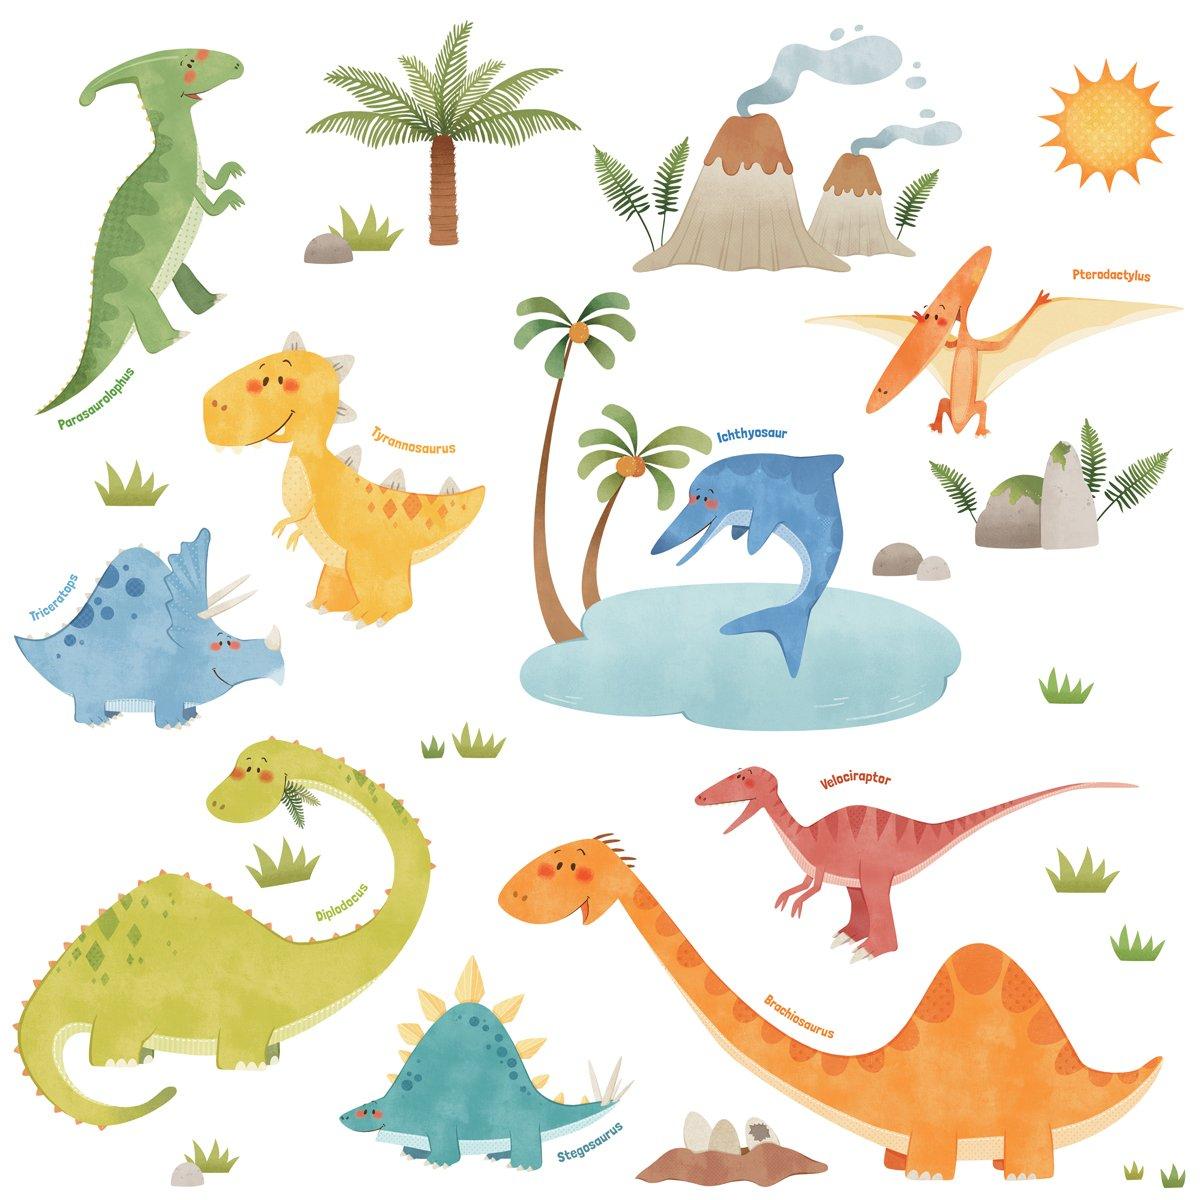 Vinilo Decorativo Pared [19GS6WDU] Dinosaurios